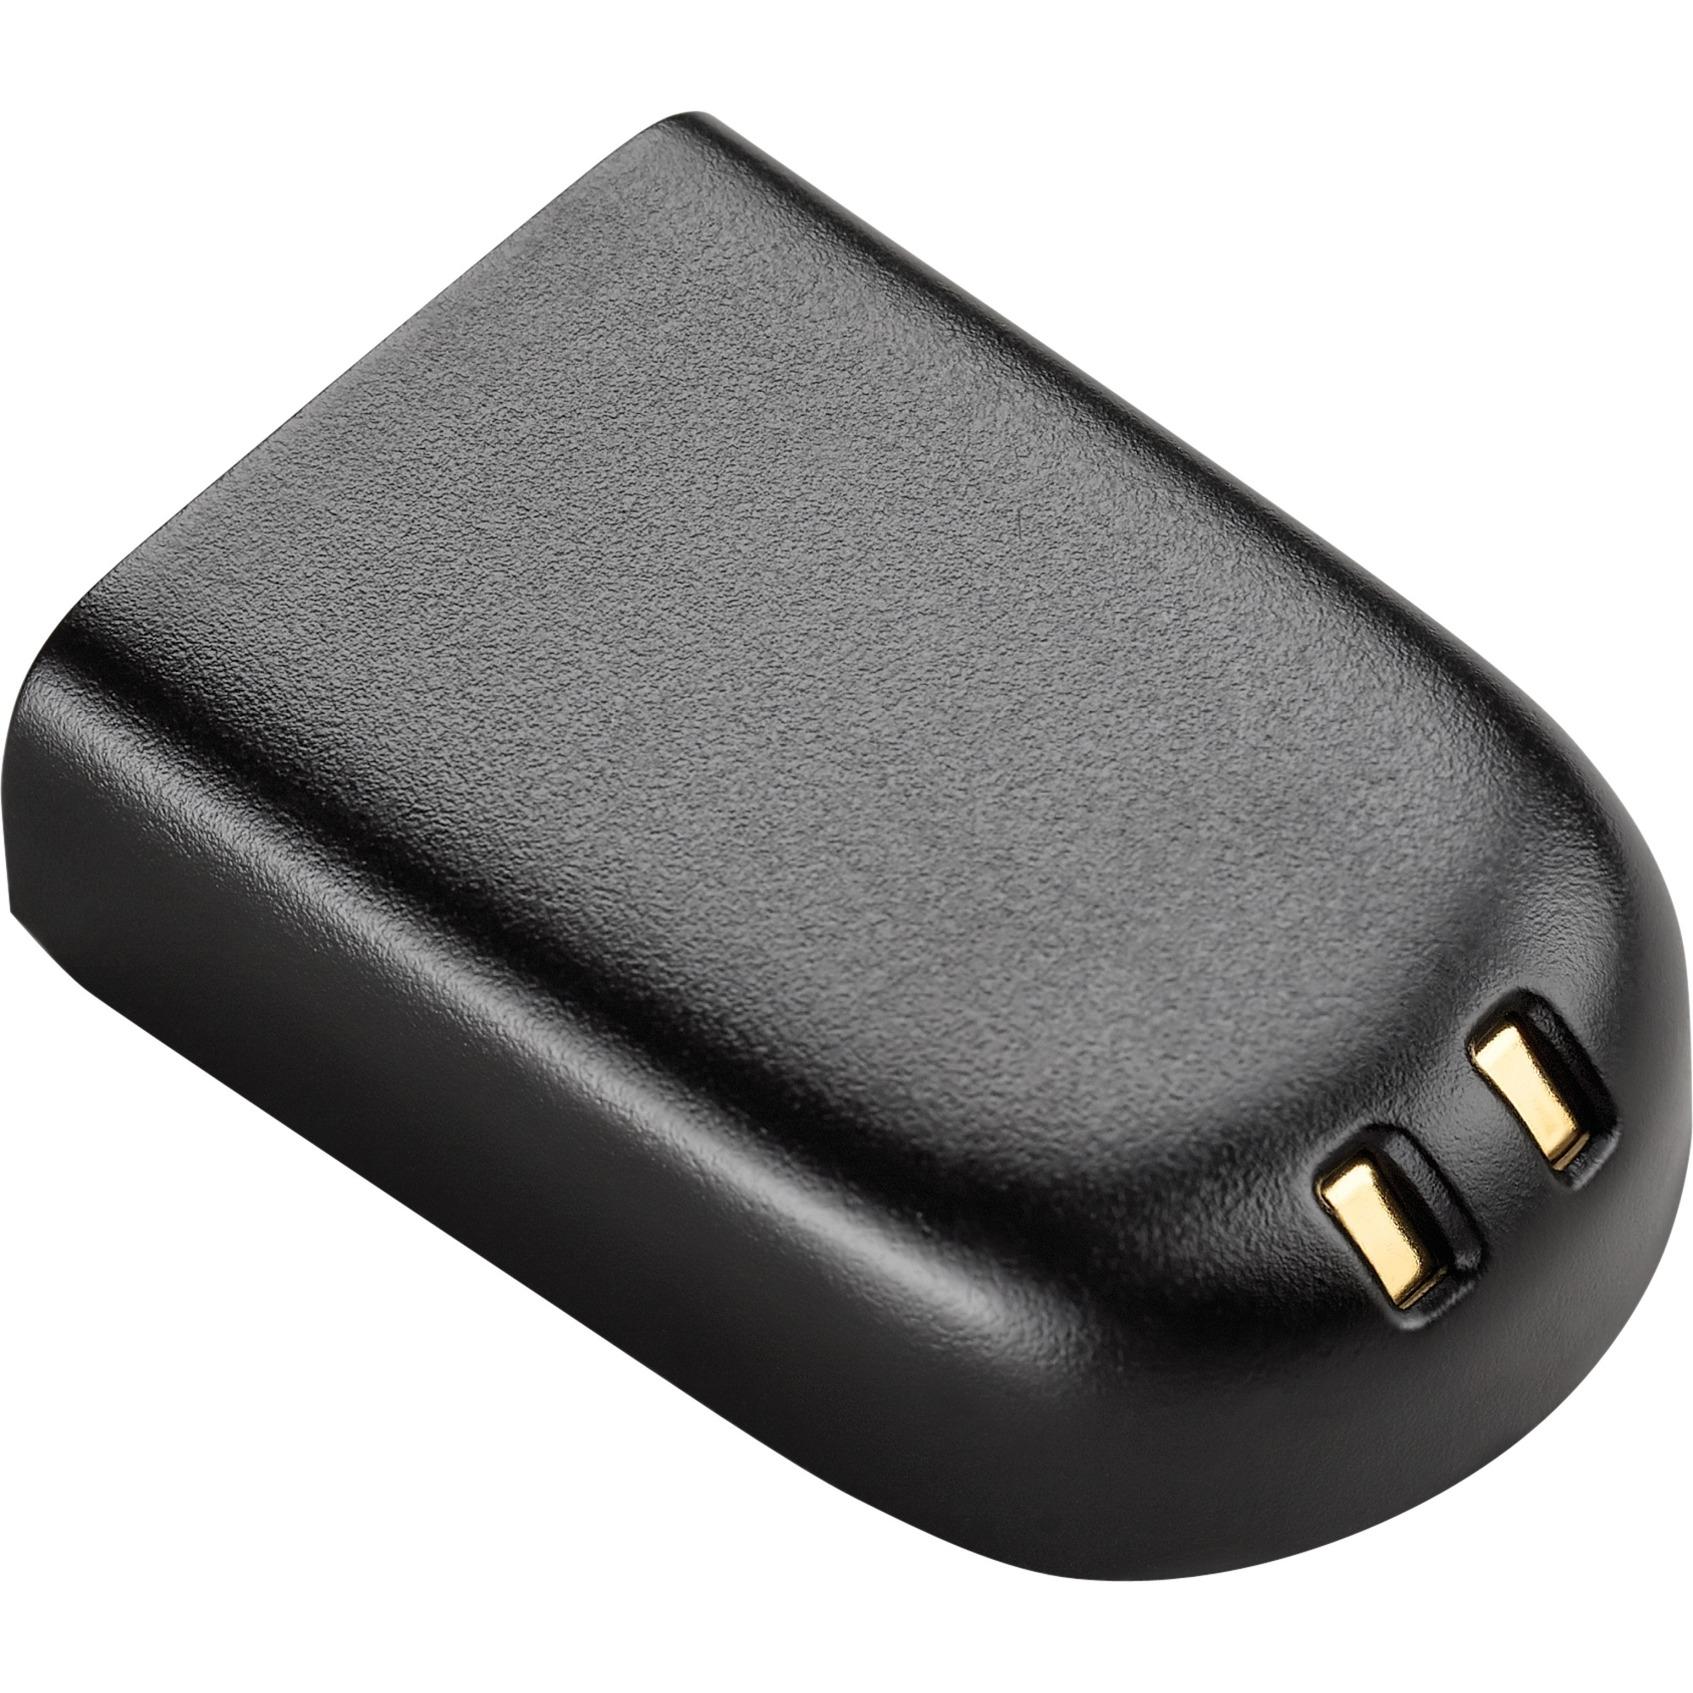 84598-01 batería recargable